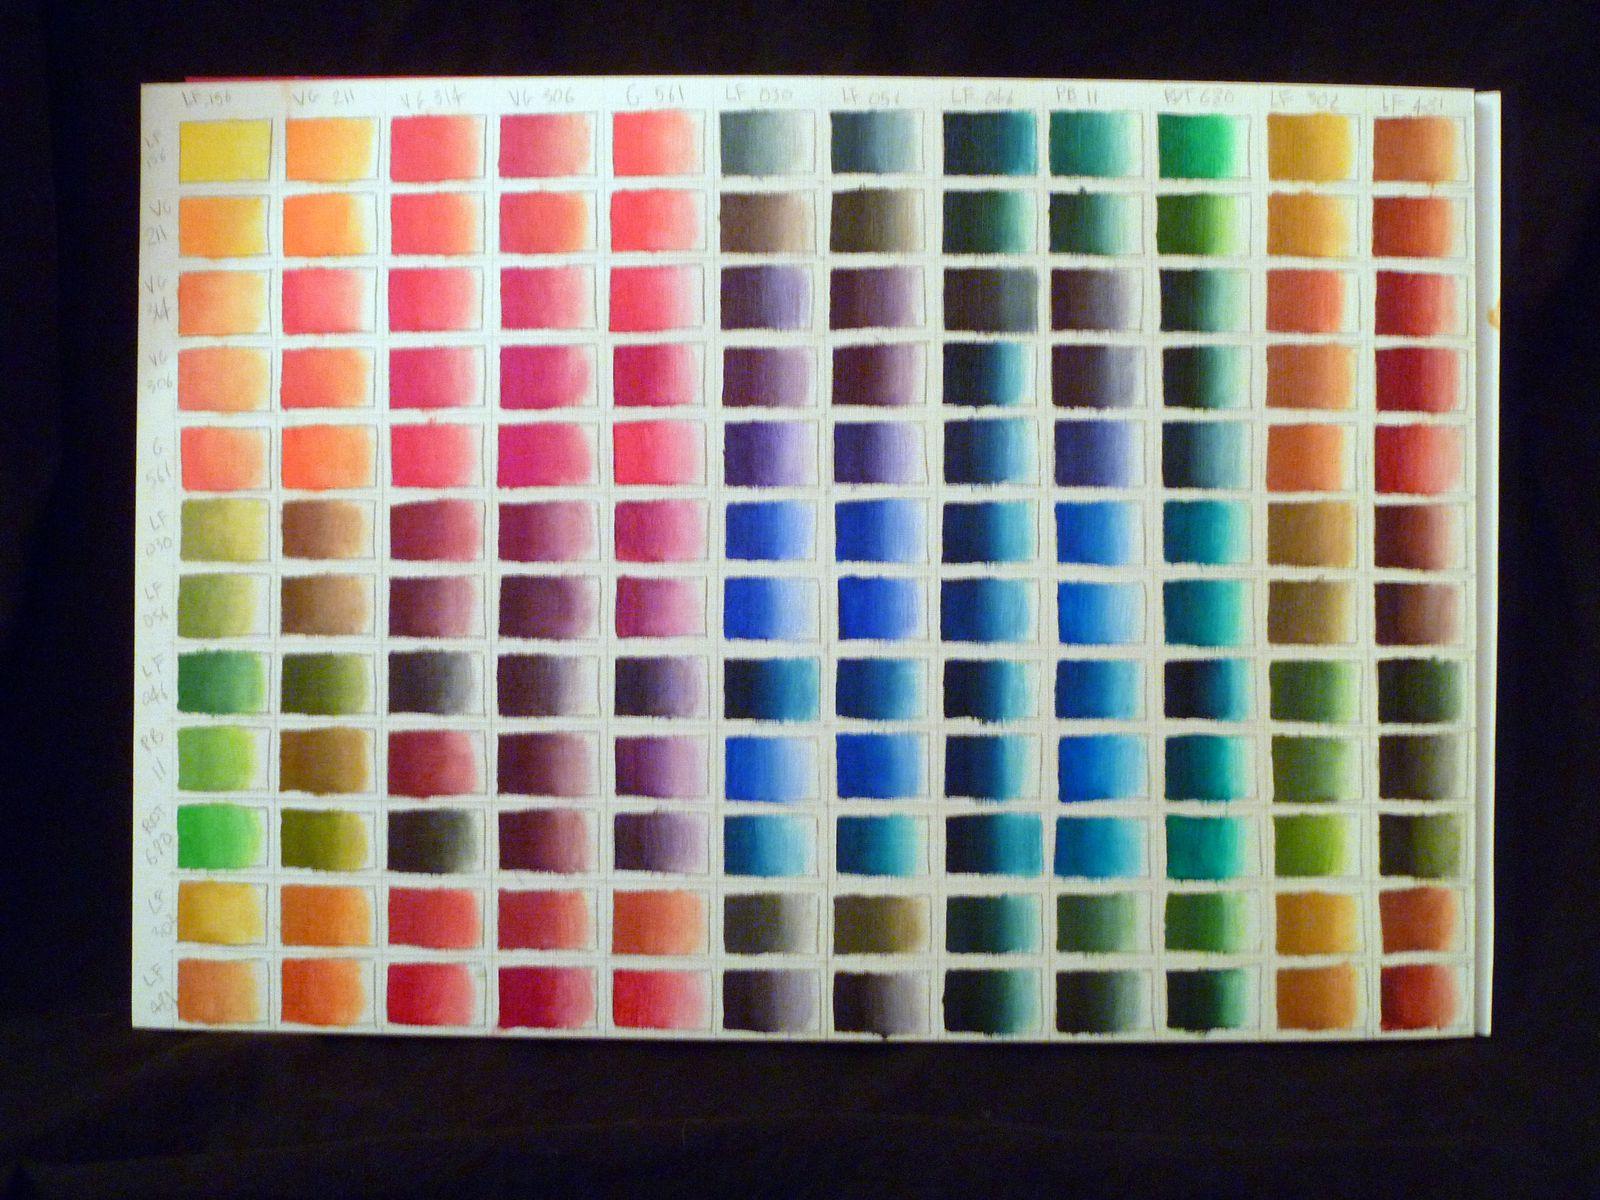 Palette - En colonne je met la couleur majoritaire et en ligne la minoritaire (évidement, en diagonale on a la couleur pure, soyons logiques)